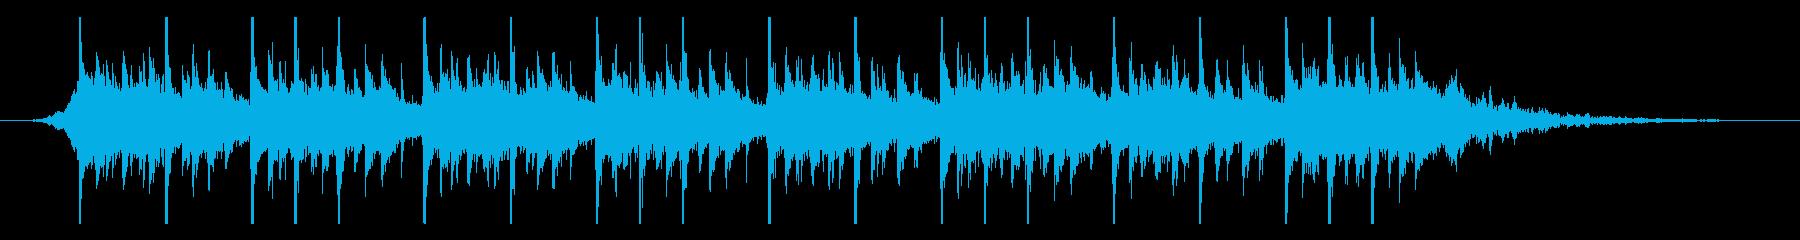 ラマダンバイラム(25秒)の再生済みの波形